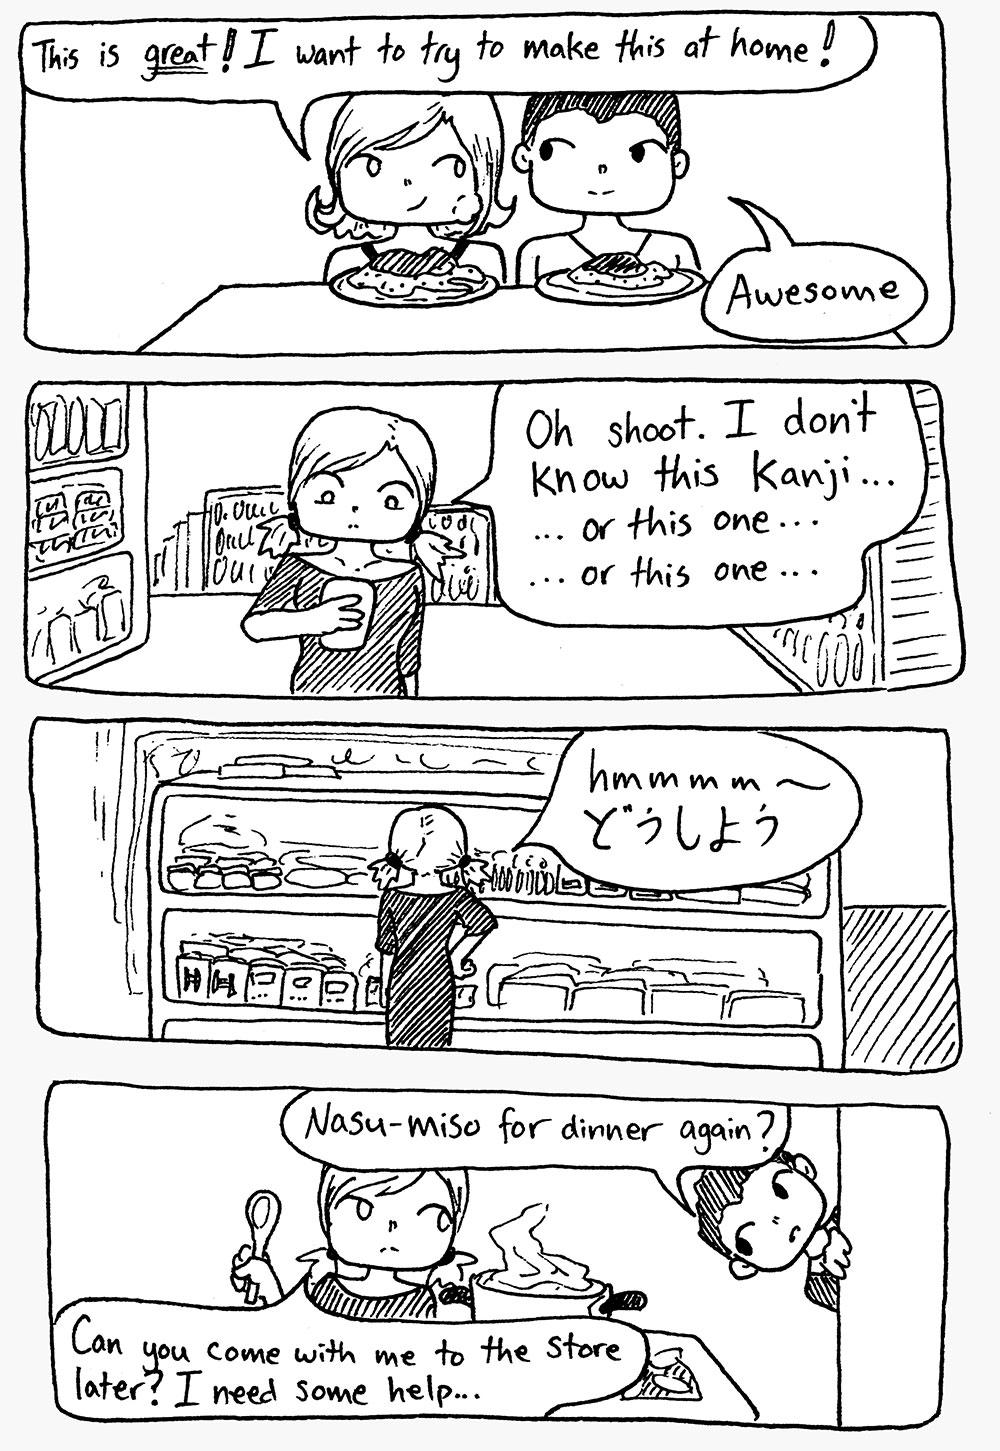 kanji-cooking-hd1